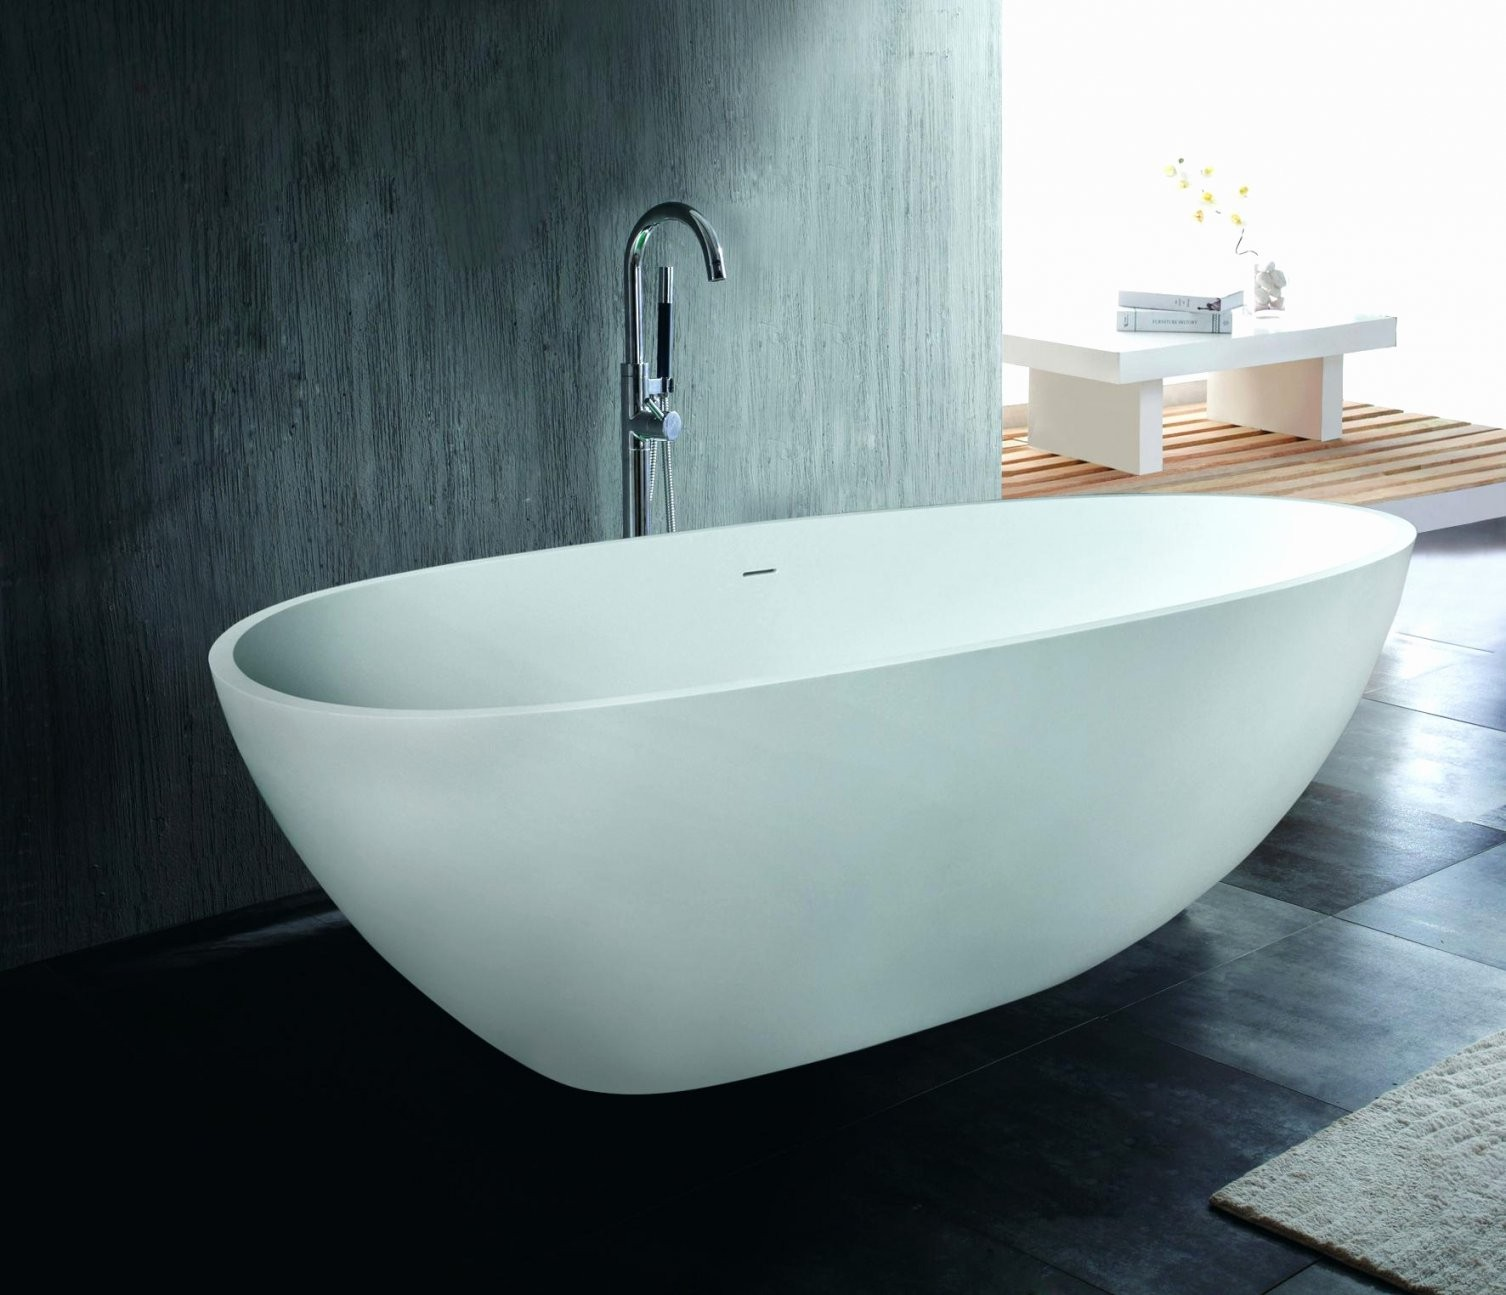 Wunderbar Ovale Badewannen Günstig Kaufen Luxuriös Freistehende von Günstige Freistehende Badewanne Bild